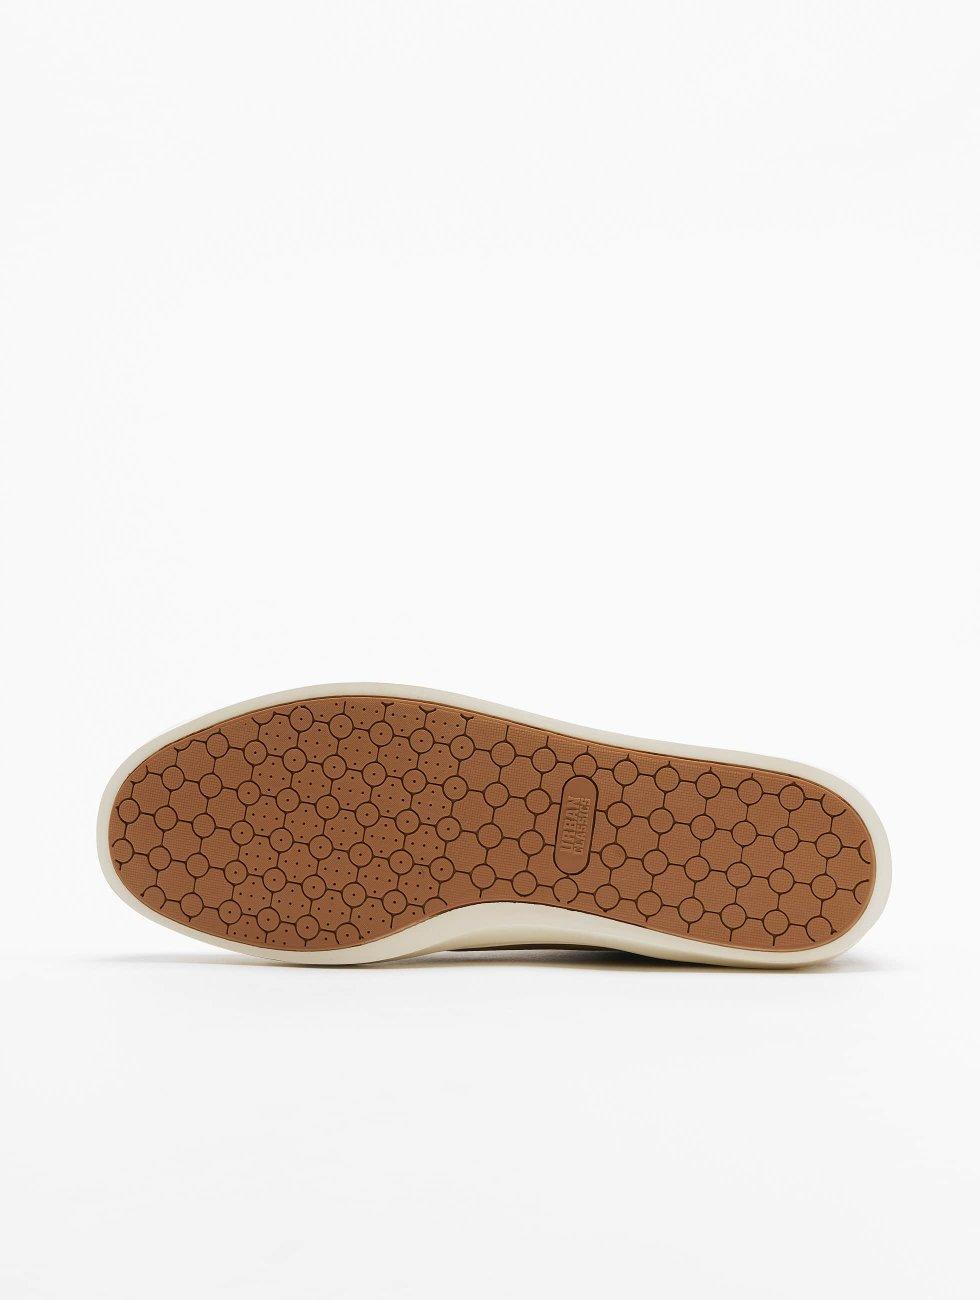 Classiques Urbains Schoen / Sneaker Hibi Mide Dans Bruin 293742 classique Achat De Sortie Réduction Authentique En Ligne Acheter Pas Cher Prix De Gros Orange 100% D'origine Dkpqst